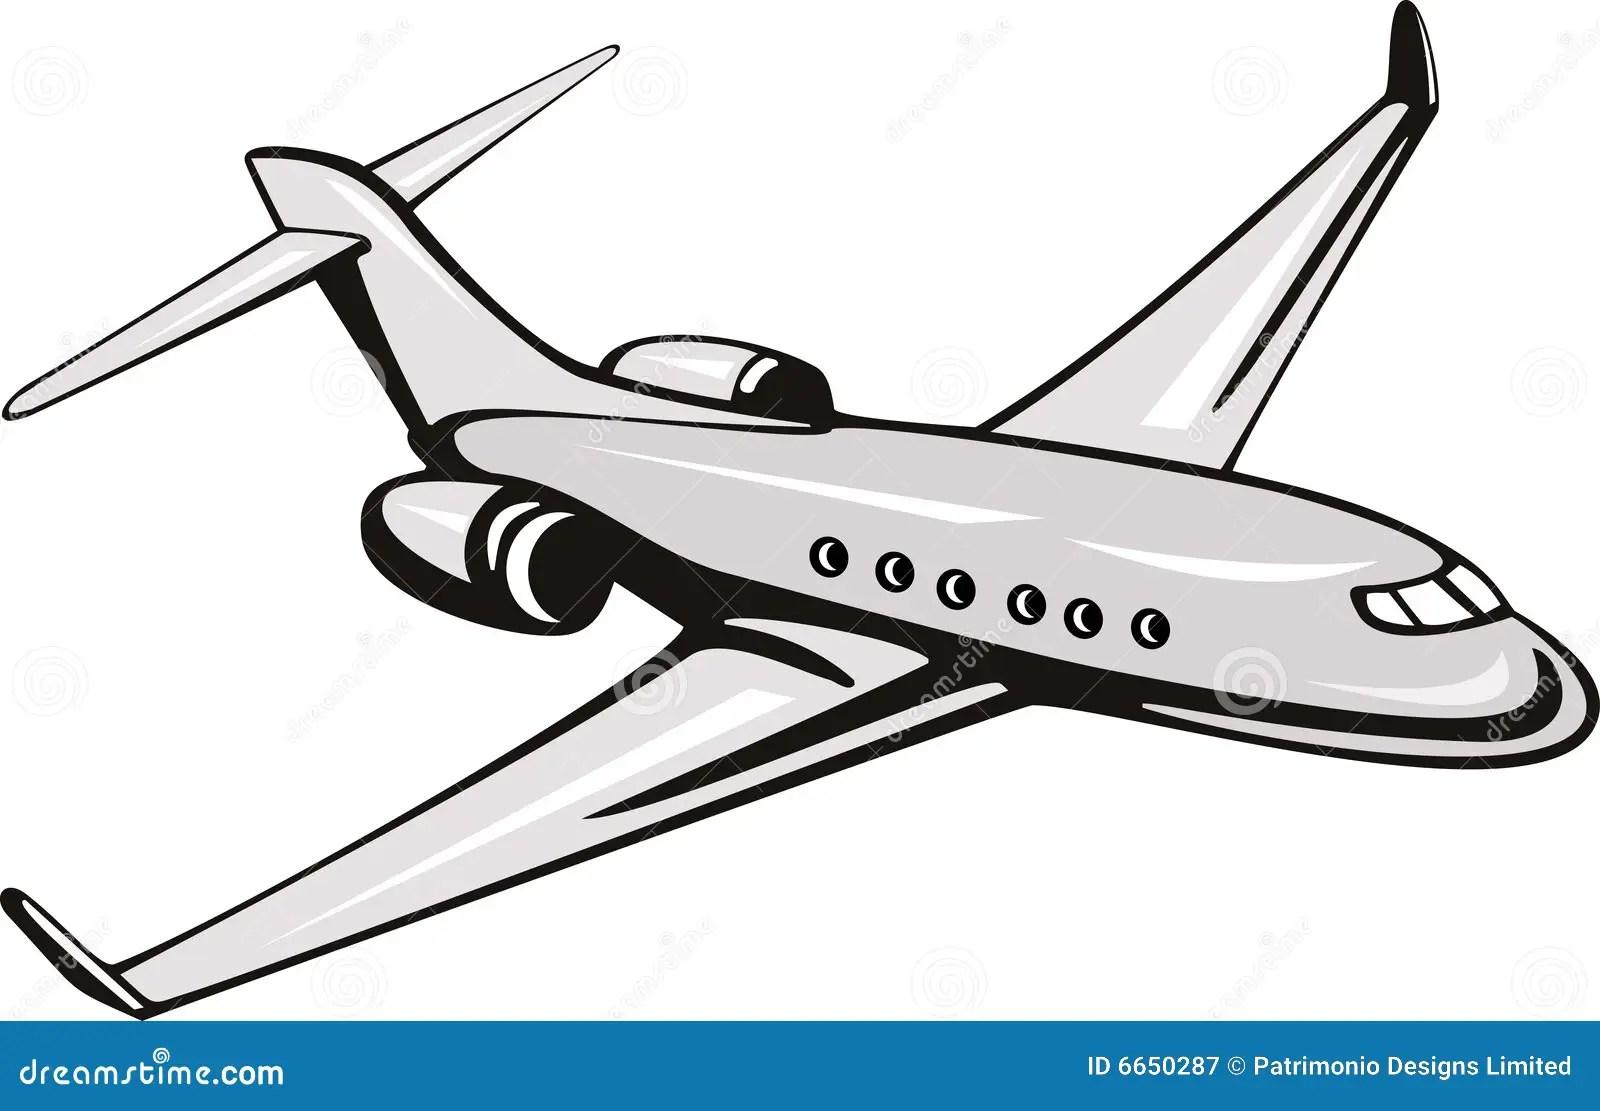 Helles Handelsflugzeug Stock Abbildung Illustration Von